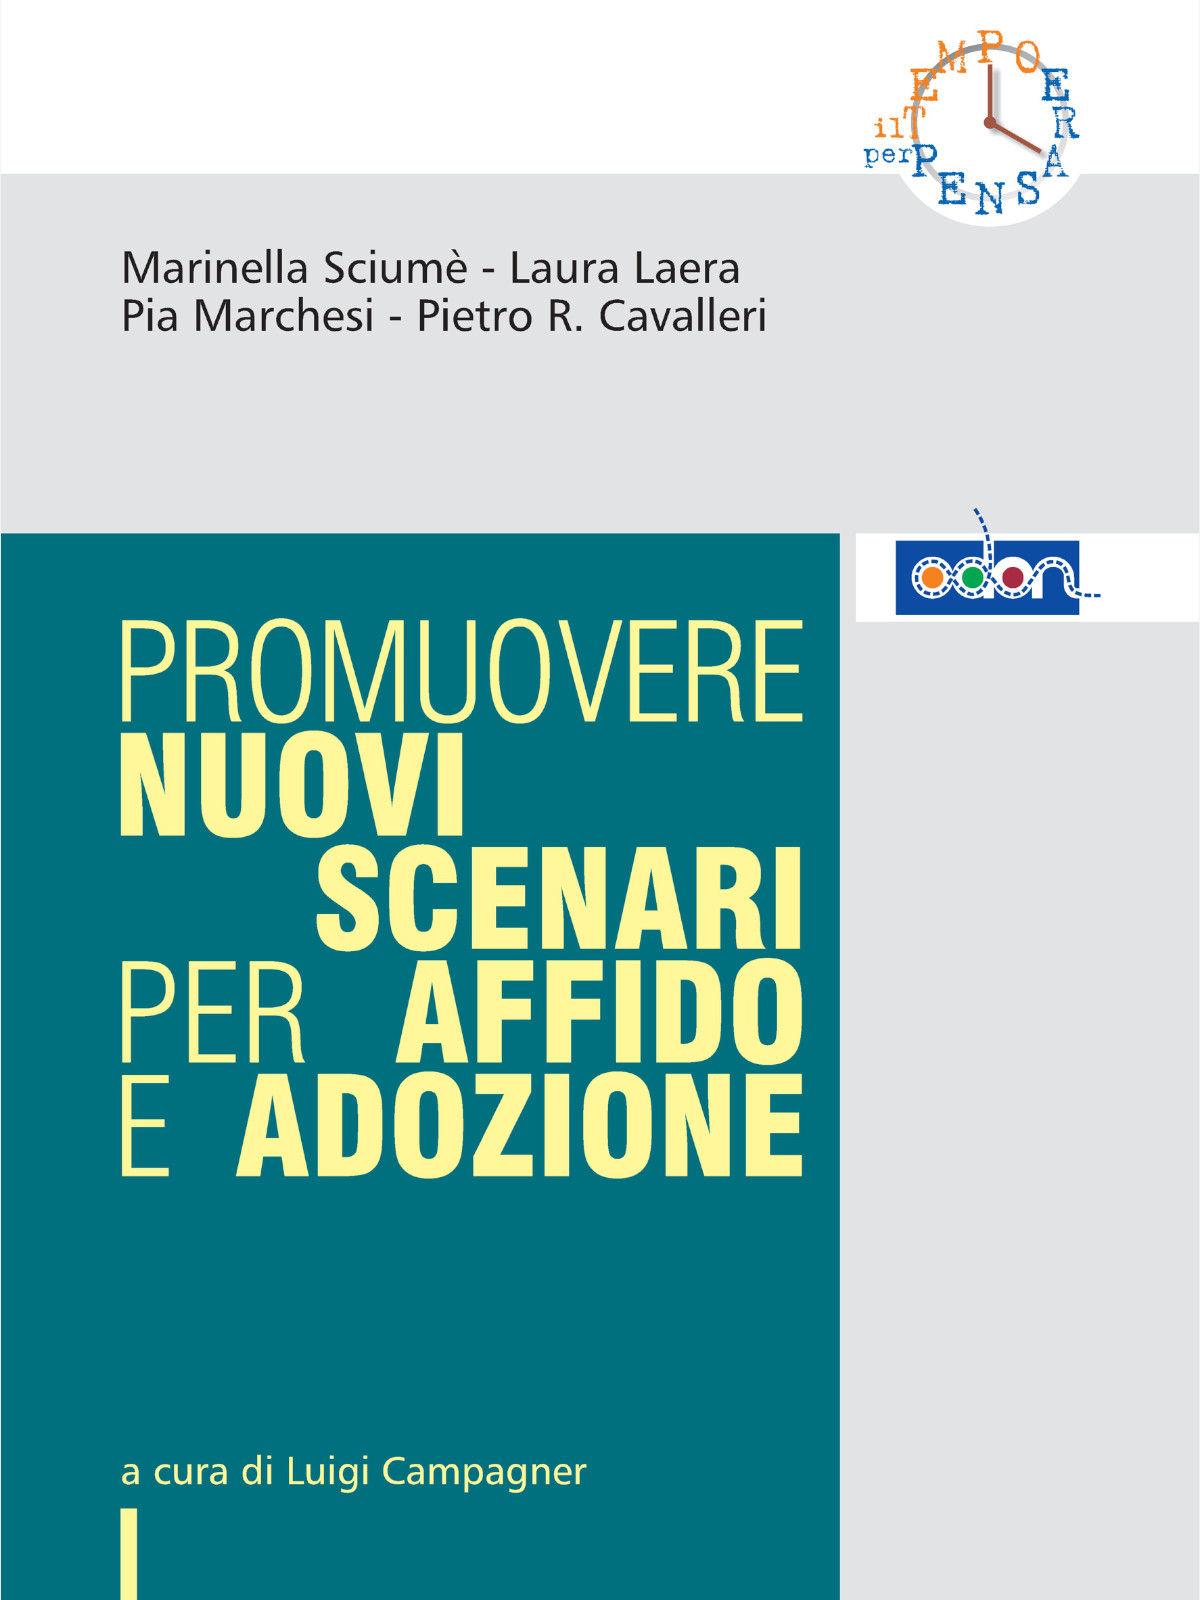 Immagine della copertina del libro Promuovere nuovi scenari per affido e adozione